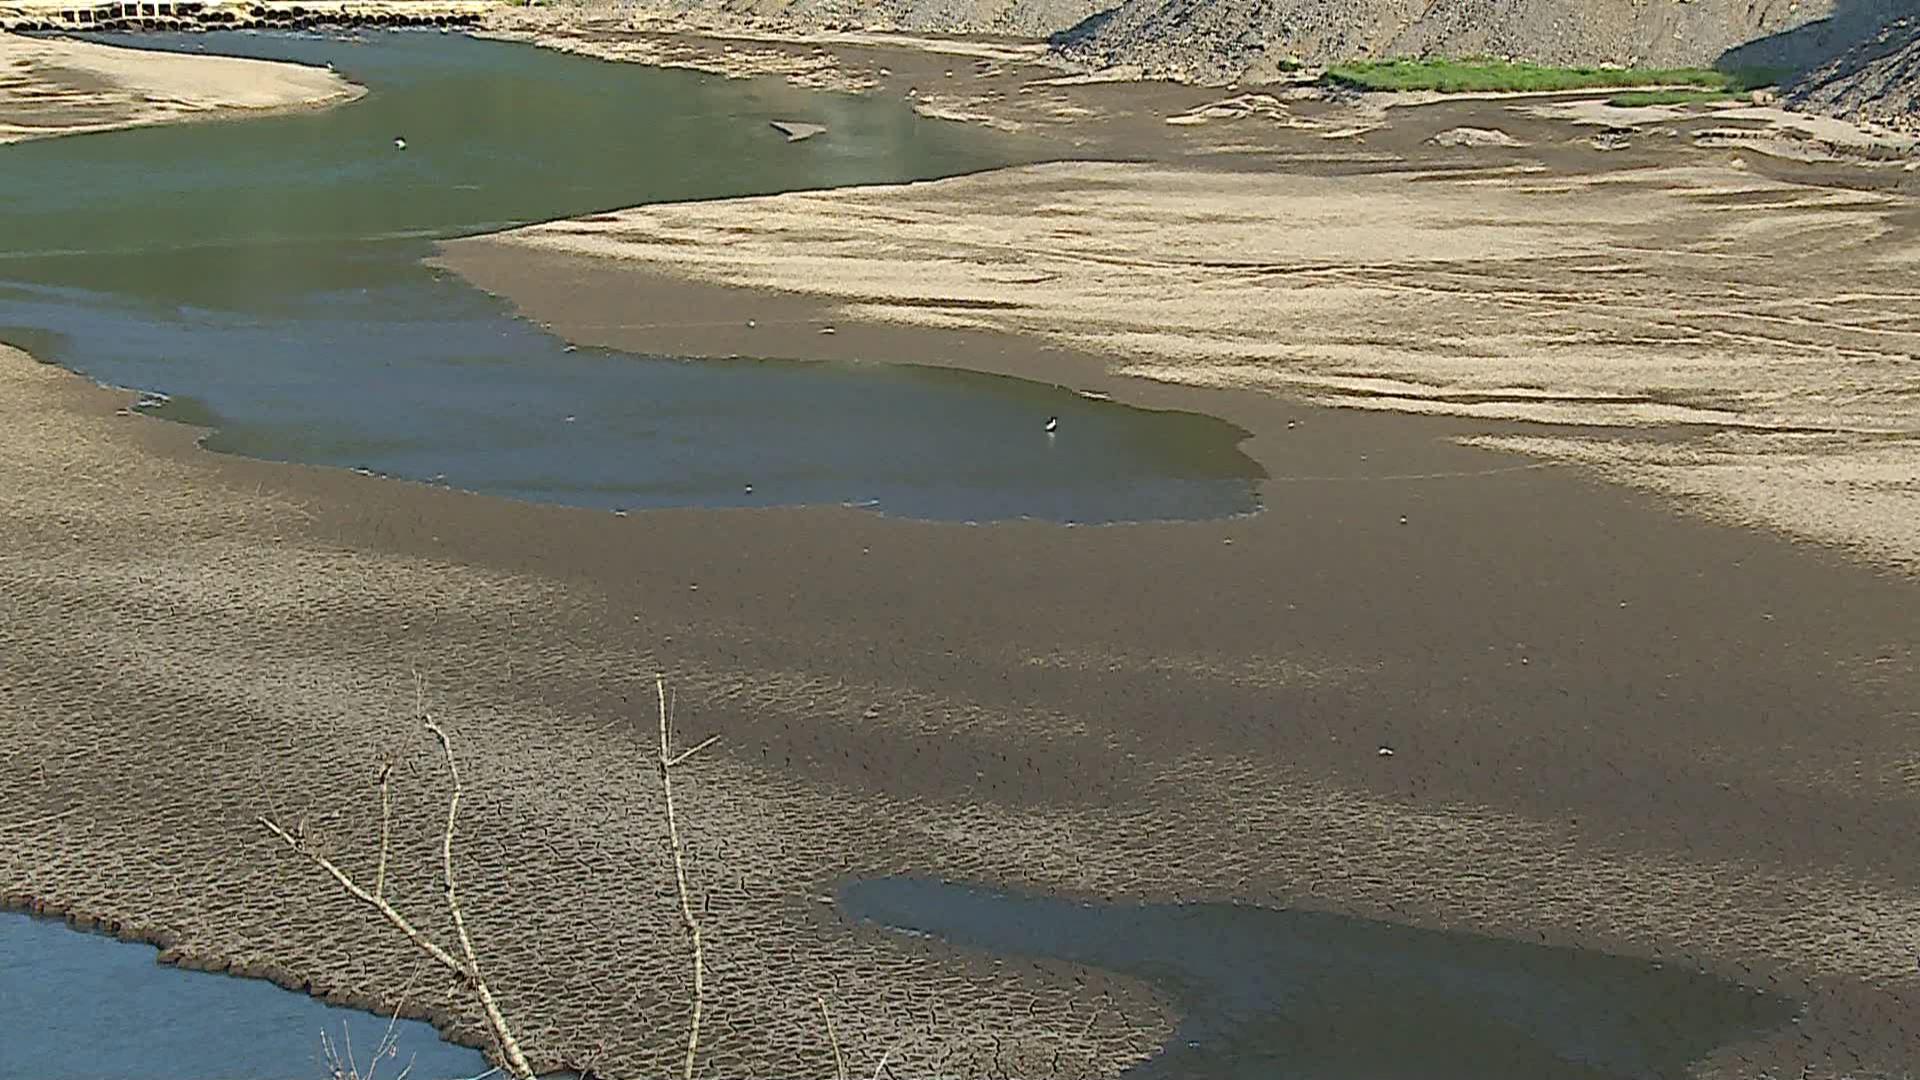 მდინარე აჭარისწყალში წყლის დონე შემცირებულია